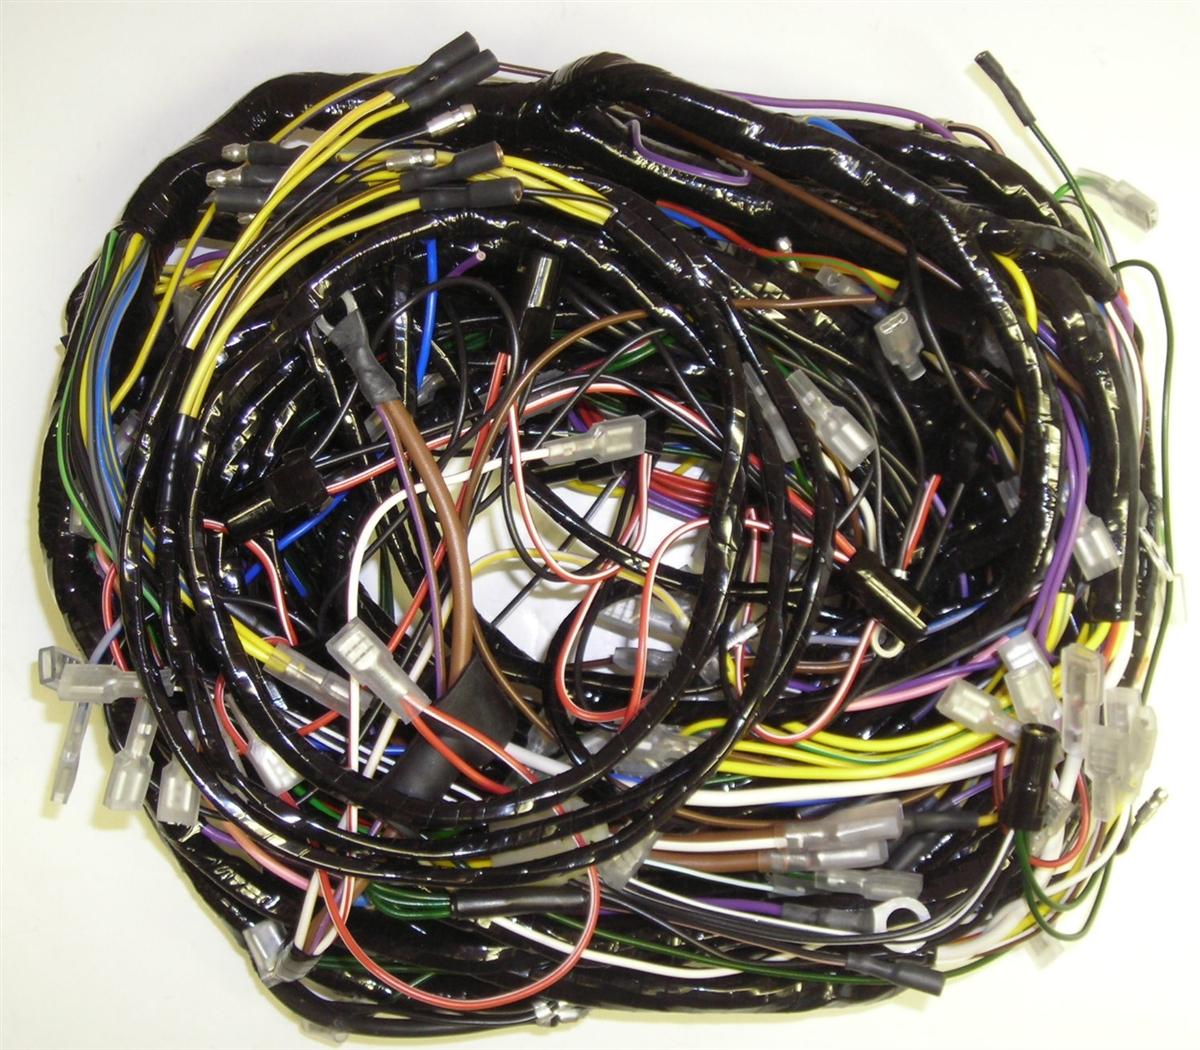 medium resolution of wire harnes engineering